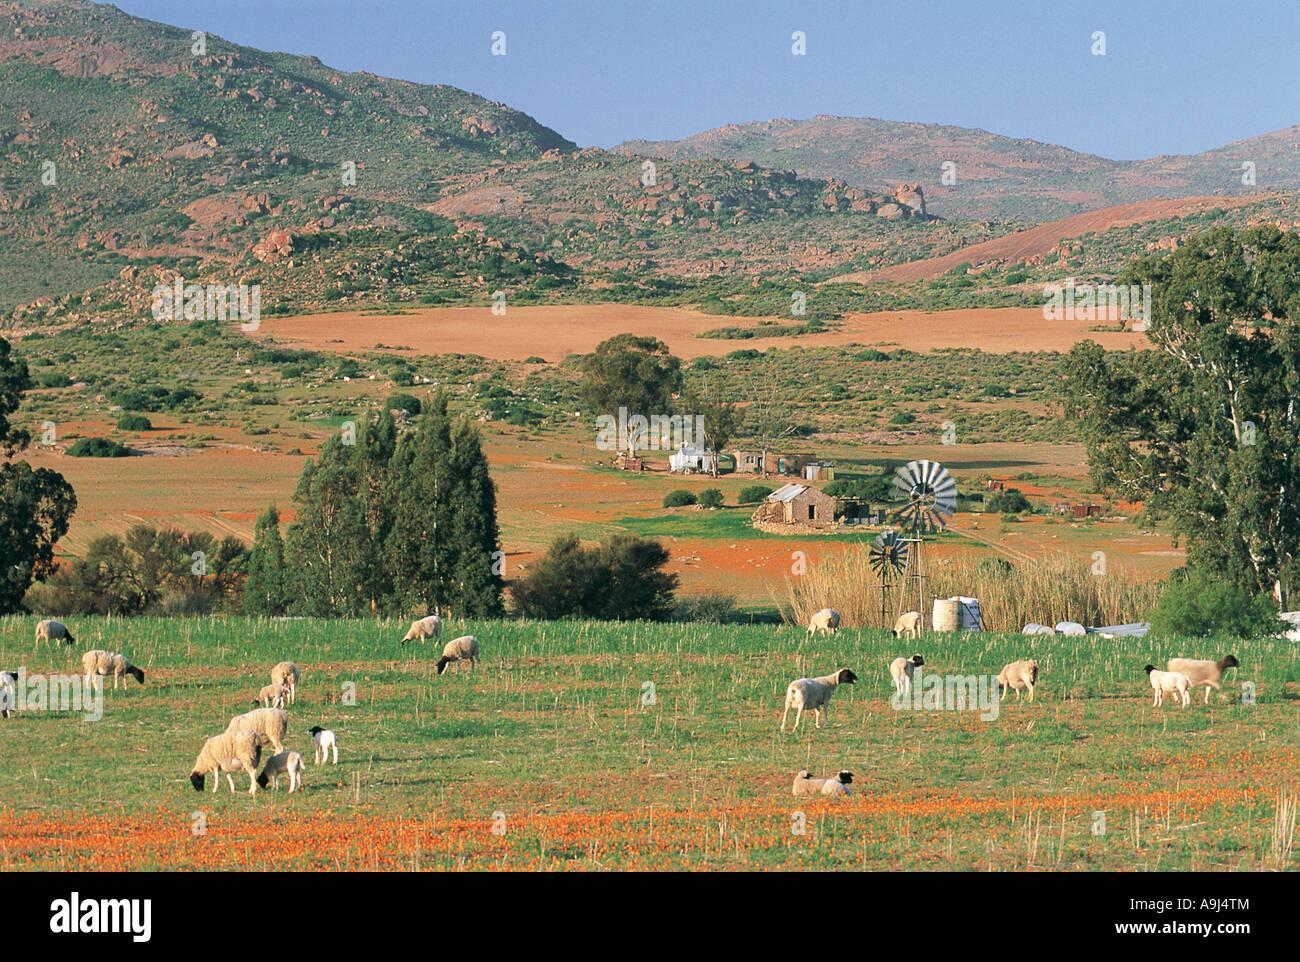 Schafe und einen kleinen Bauernhof mit einem Wind angetriebene Wasserpumpe in einer hübschen Landschaft Namaqualand Stockbild